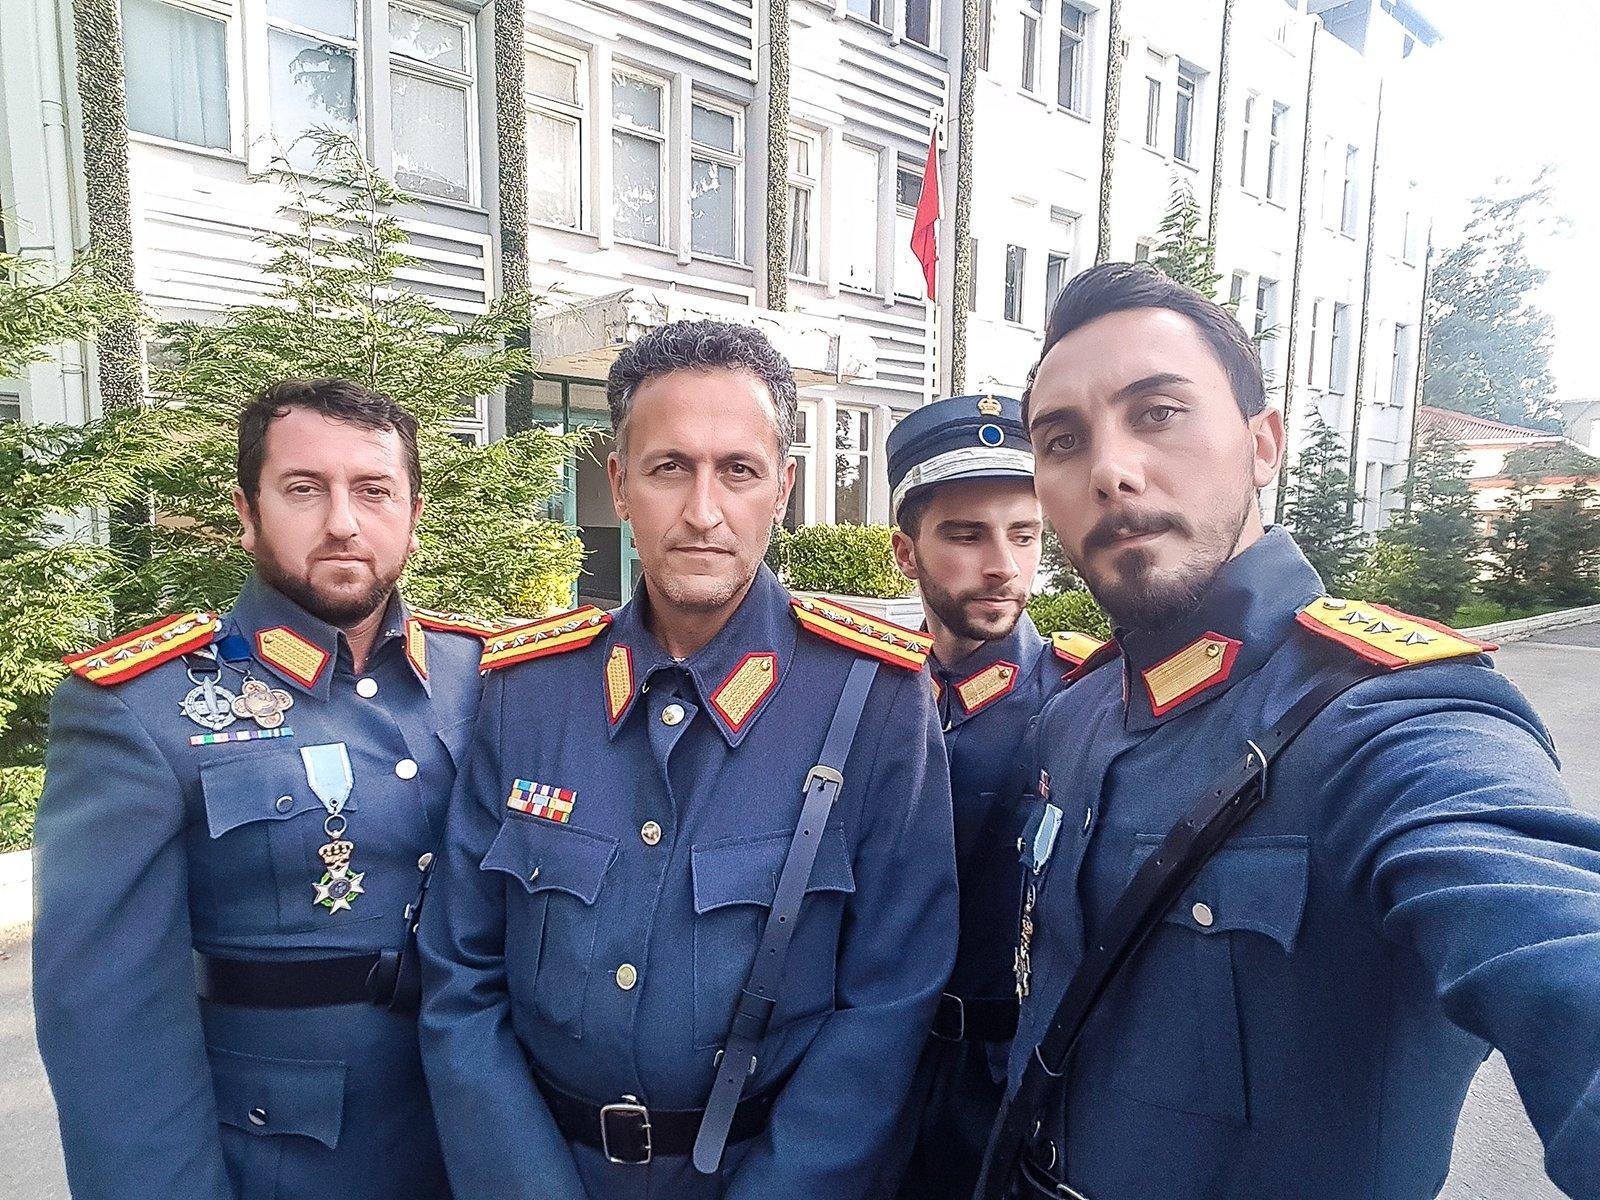 Vatanım Sensin 2018 - Yunan Subay - Özgür Bayraktar